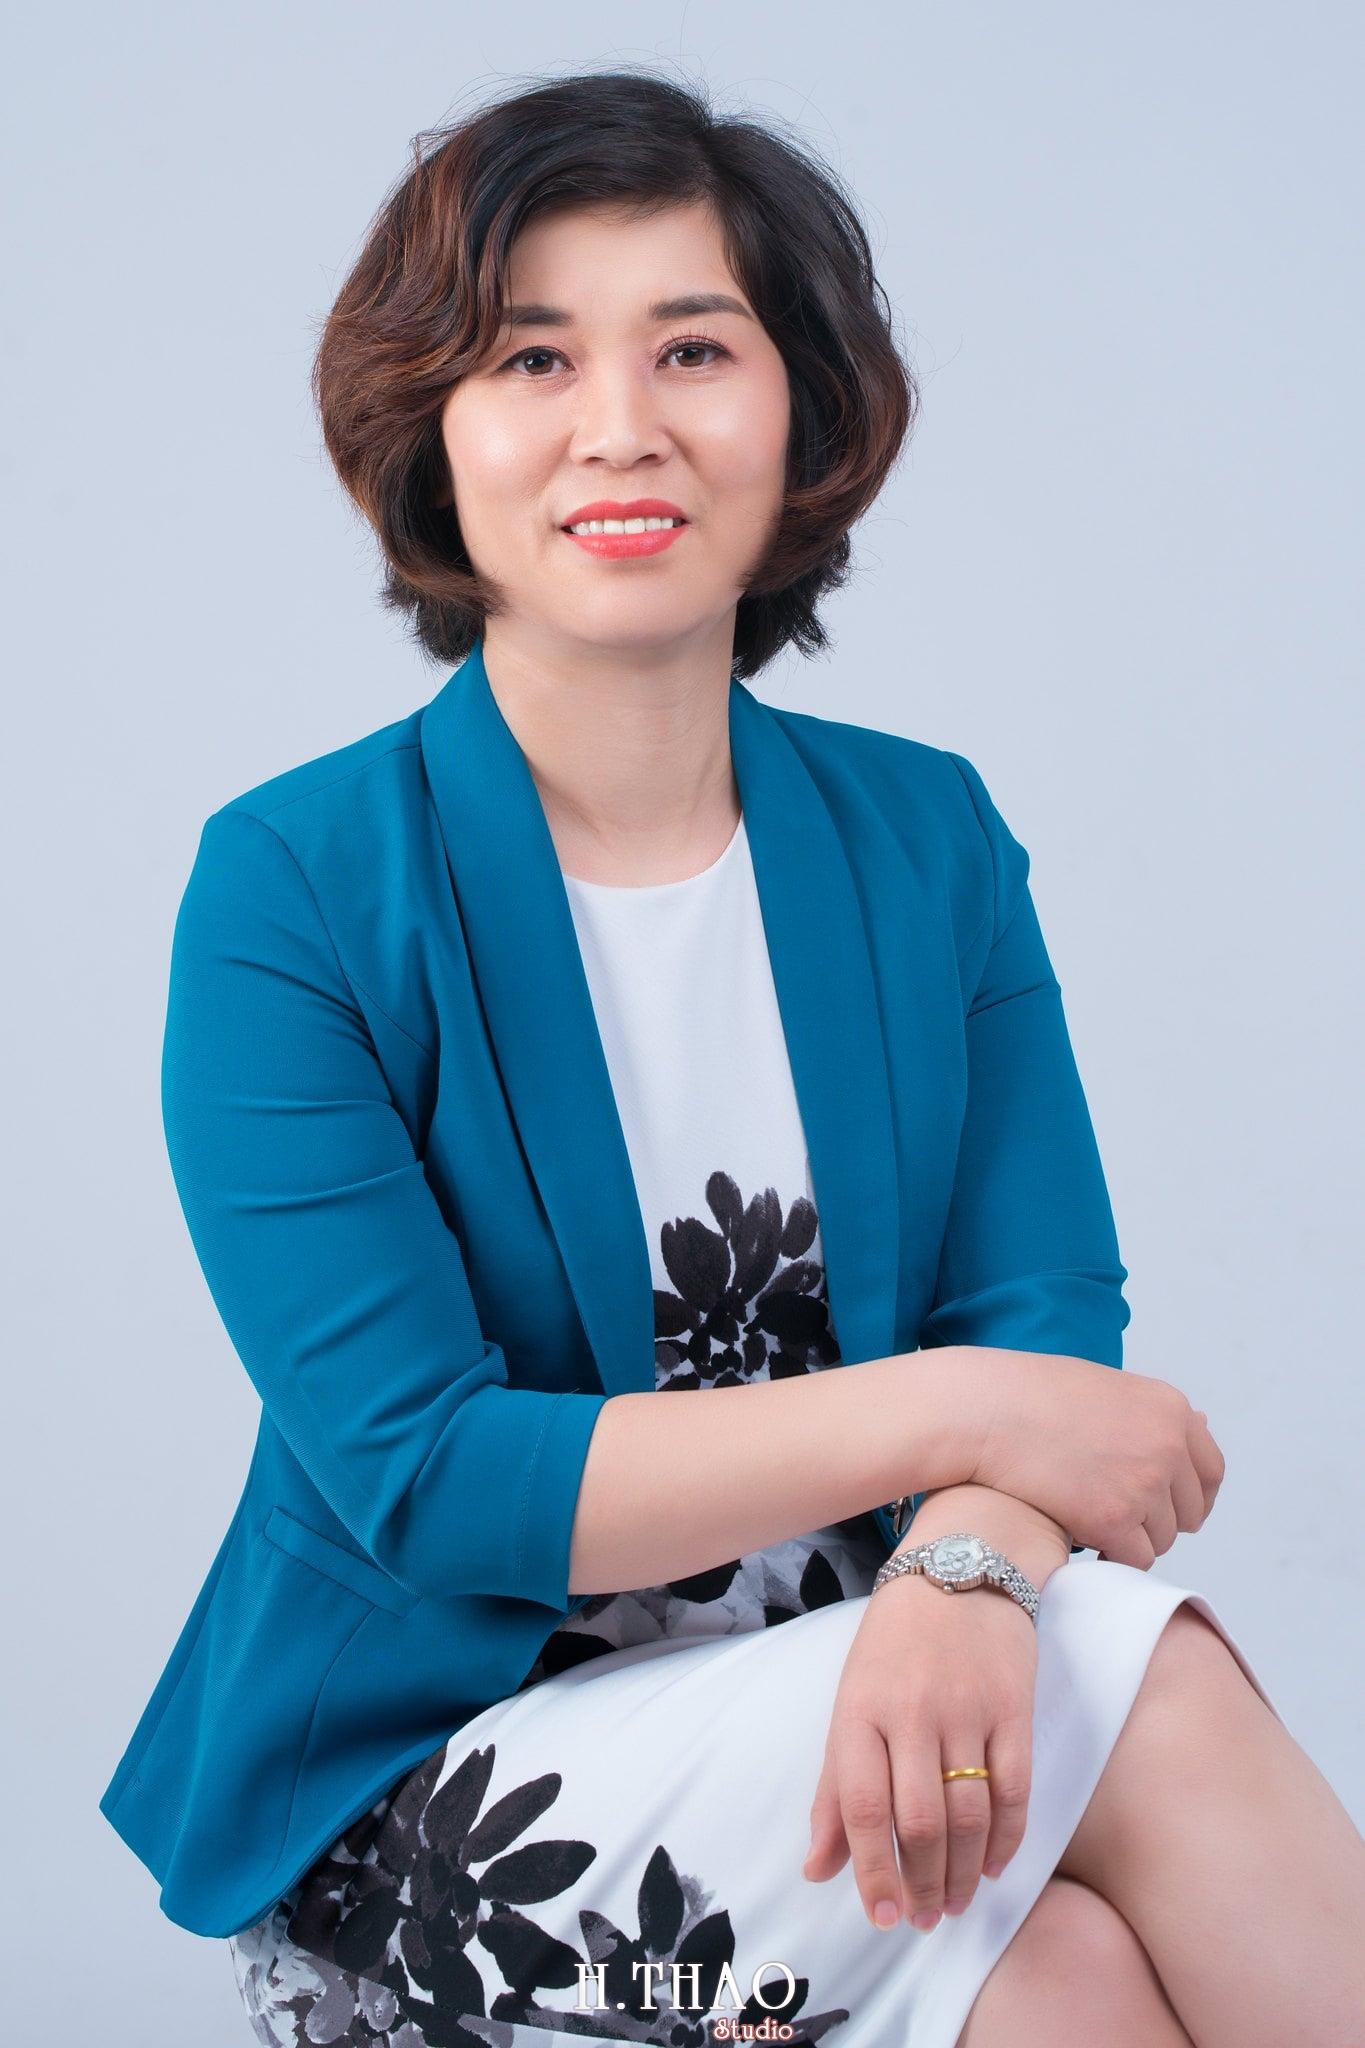 chan dung nu 13 - Album ảnh doanh nhân chị Quỳnh sang trọng, quý phái - HThao Studio